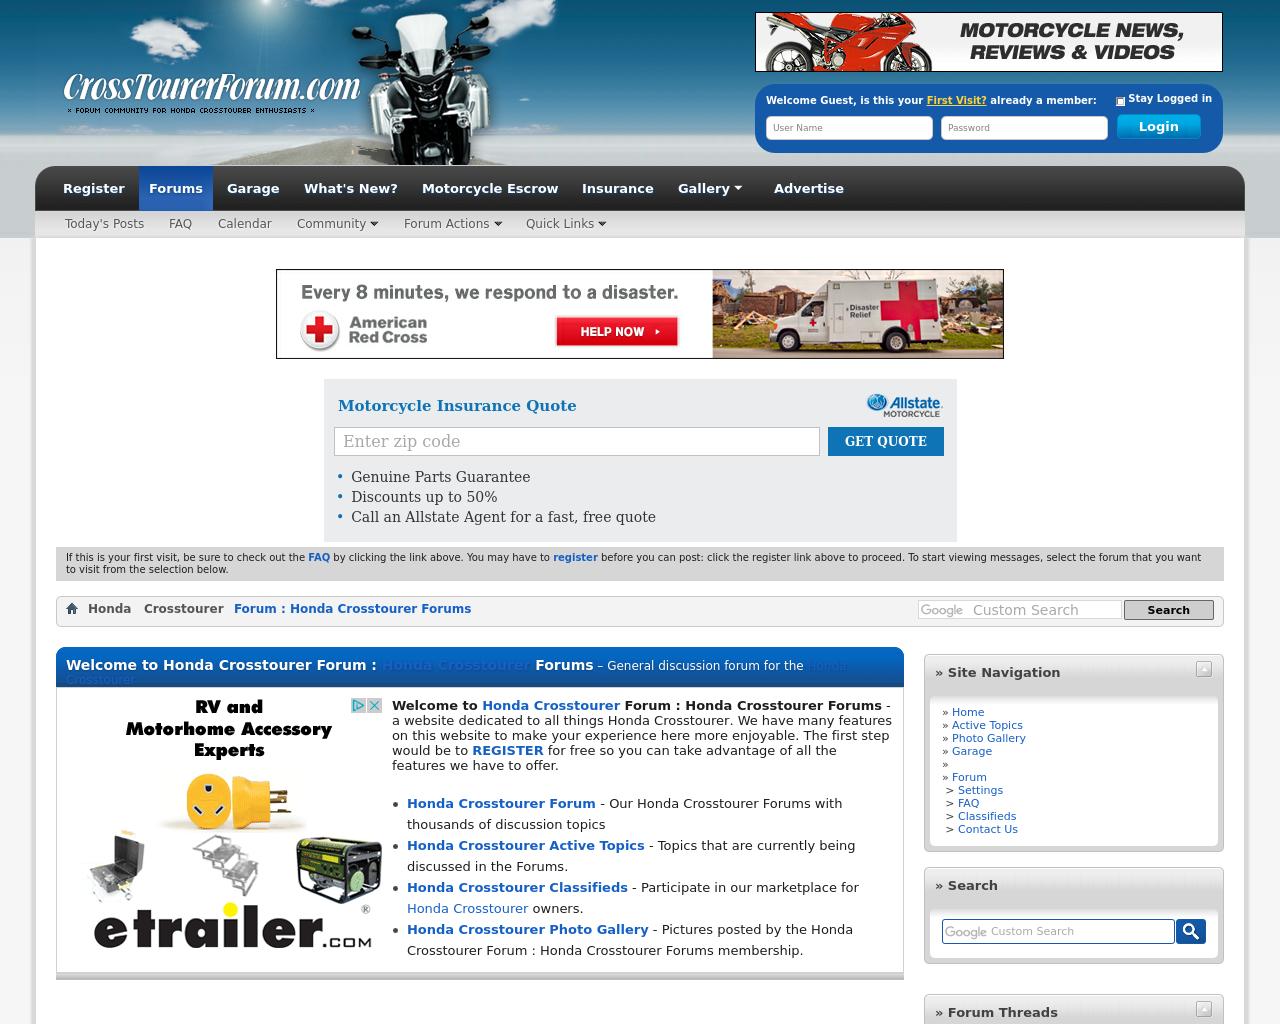 Crosstourerforum-Advertising-Reviews-Pricing